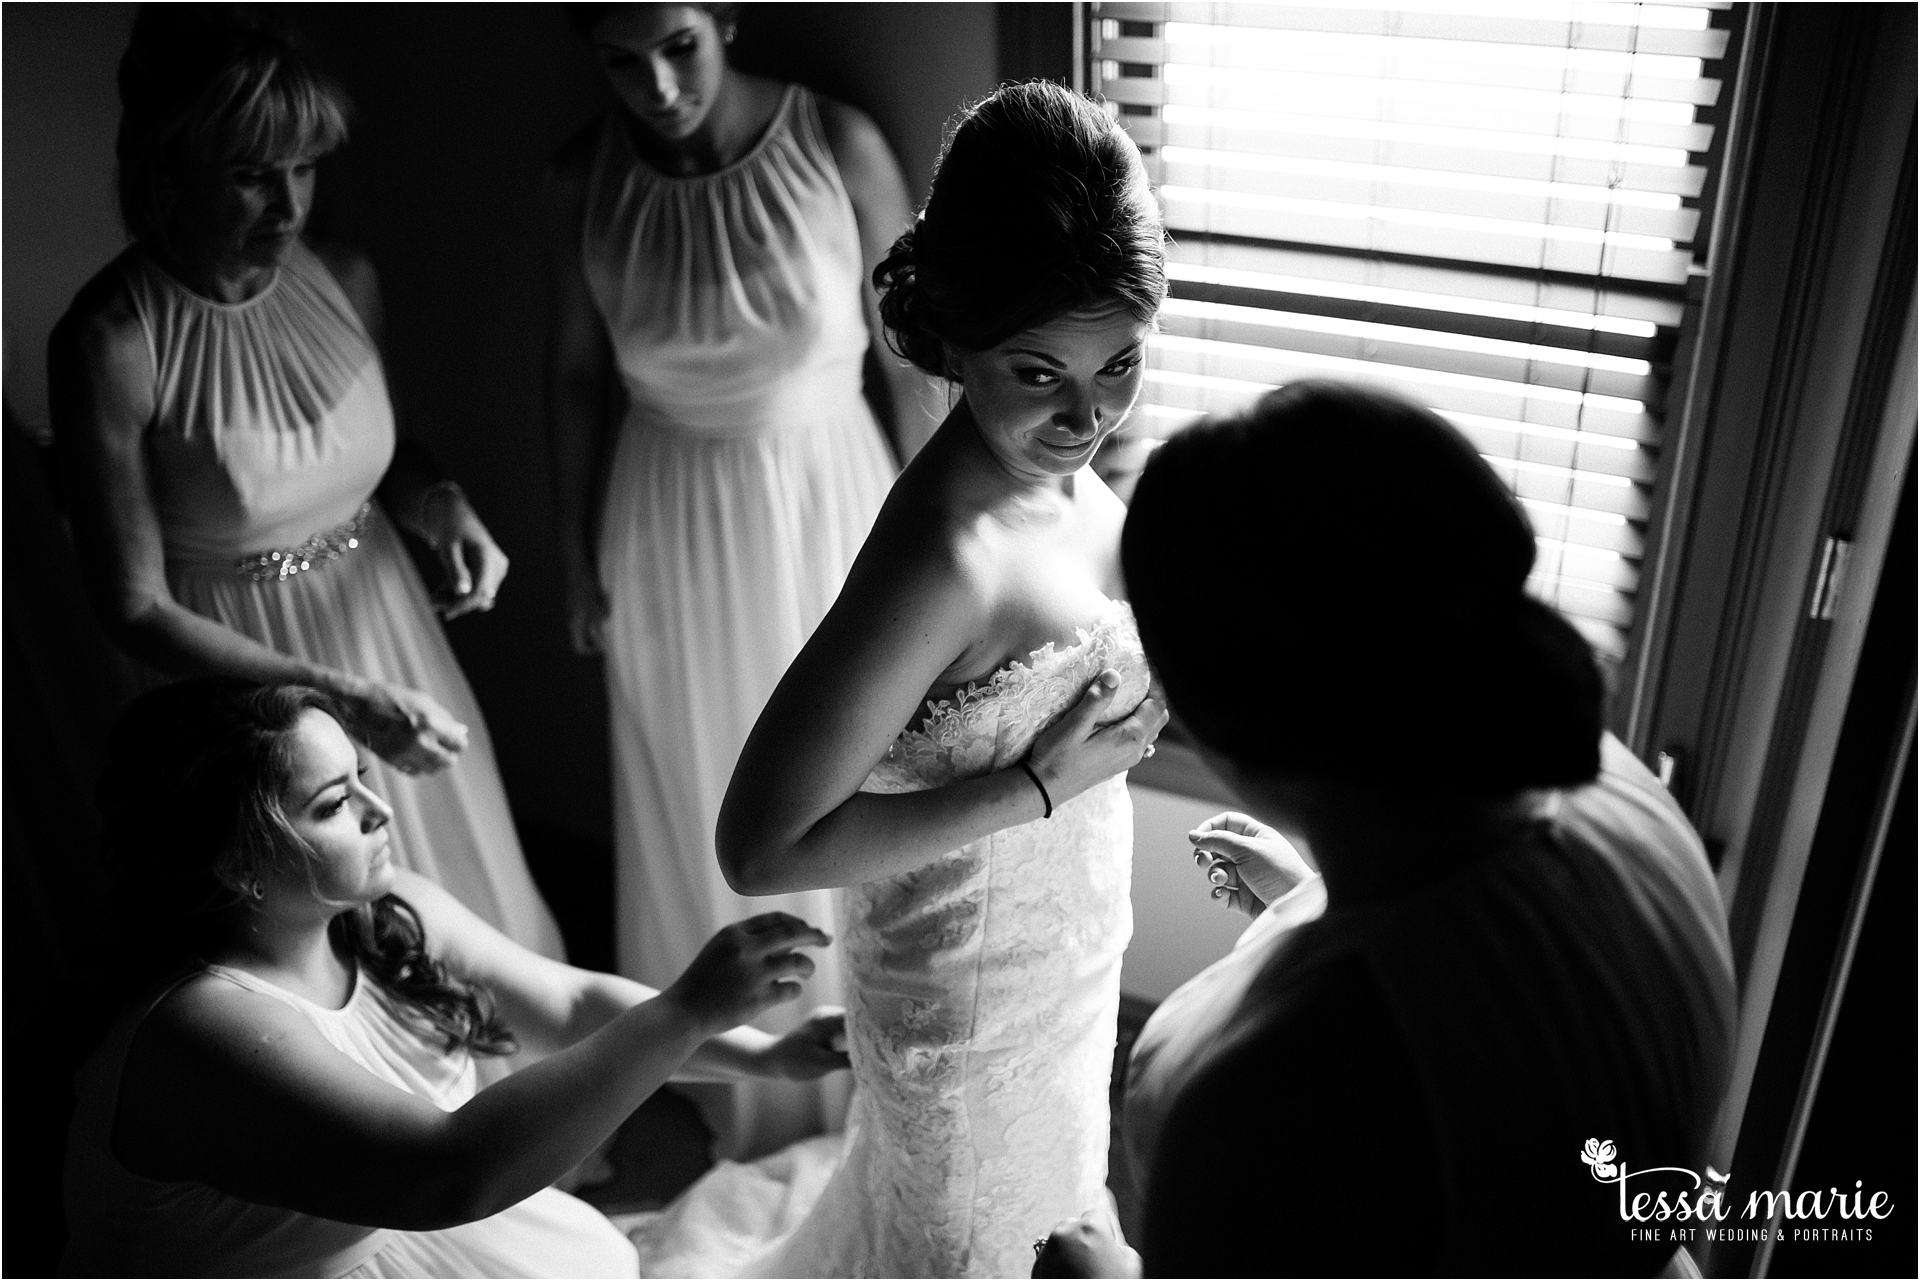 032216_brittany_kevin_wedding-13